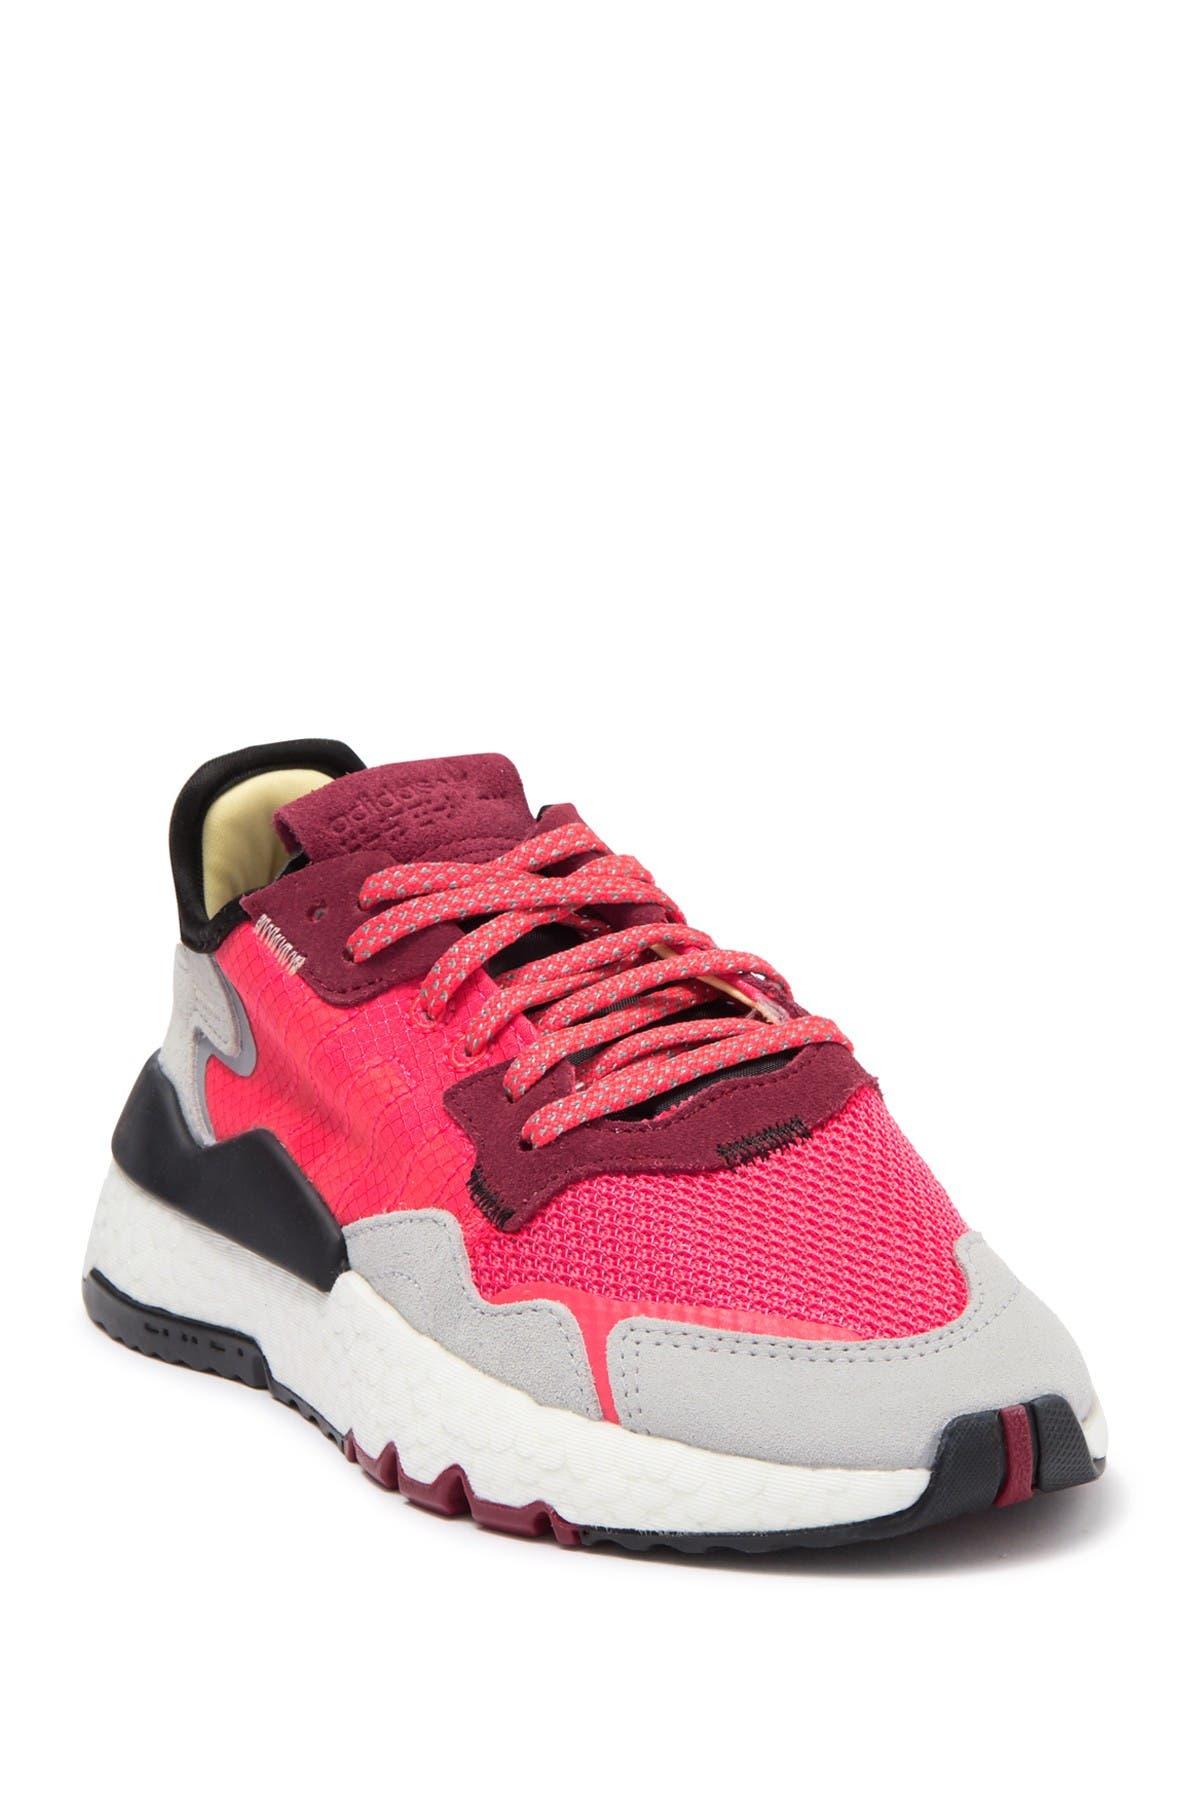 adidas | Nite Jogger Sneaker